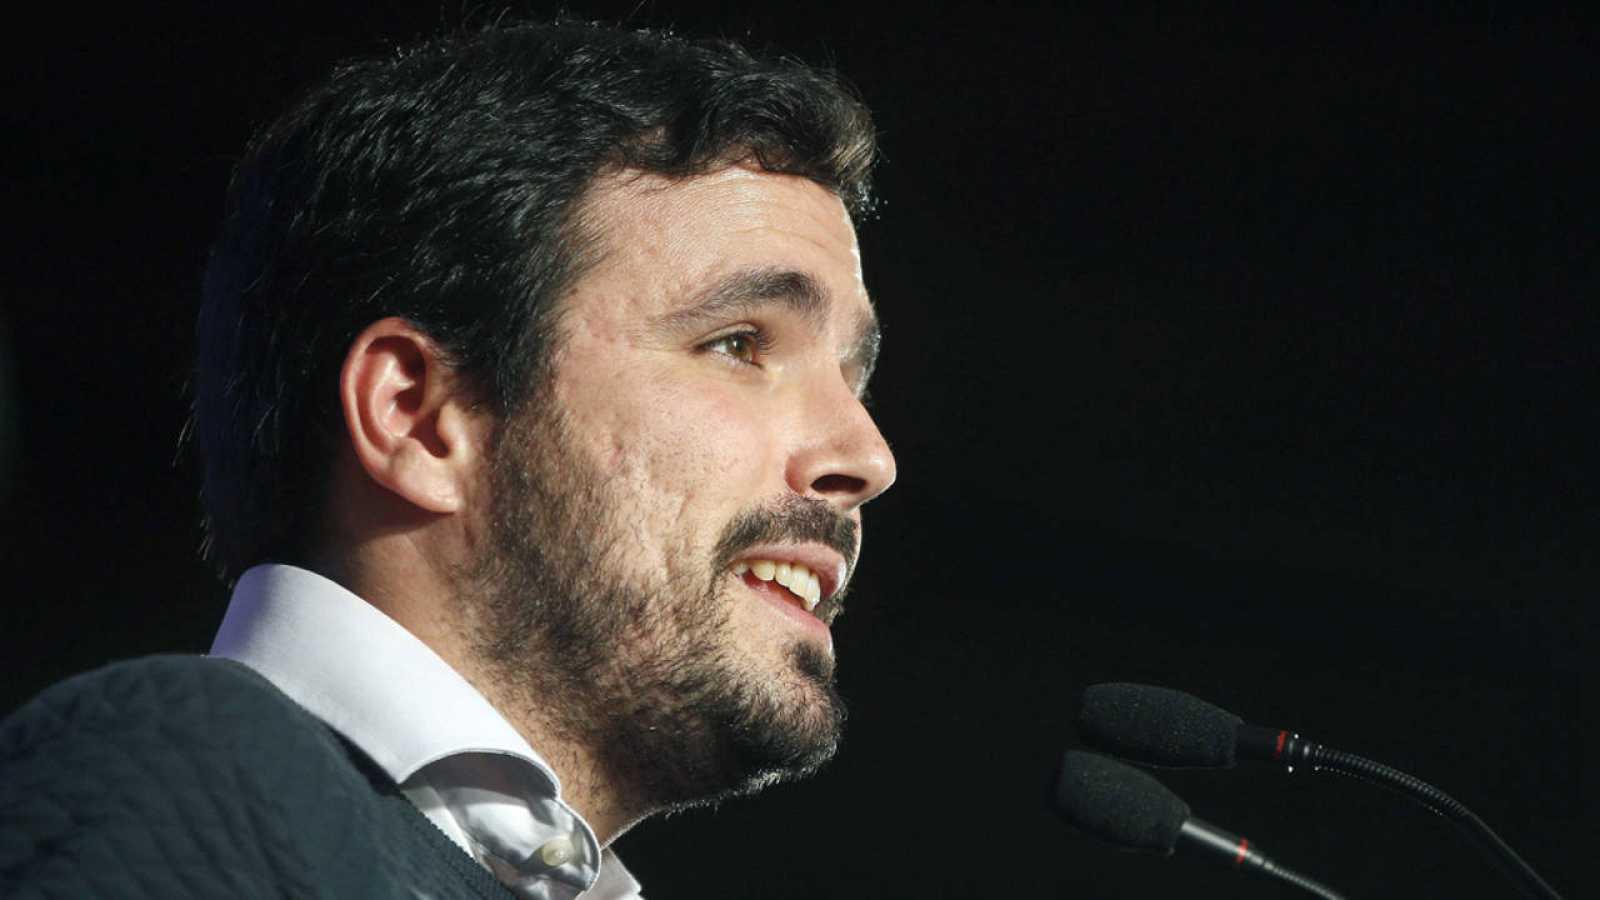 El coordinador federal de Izquierda Unida, Alberto Garzón, durante la clausura de la VII Asamblea de Esquerra Unida i Alternativa en Barcelona